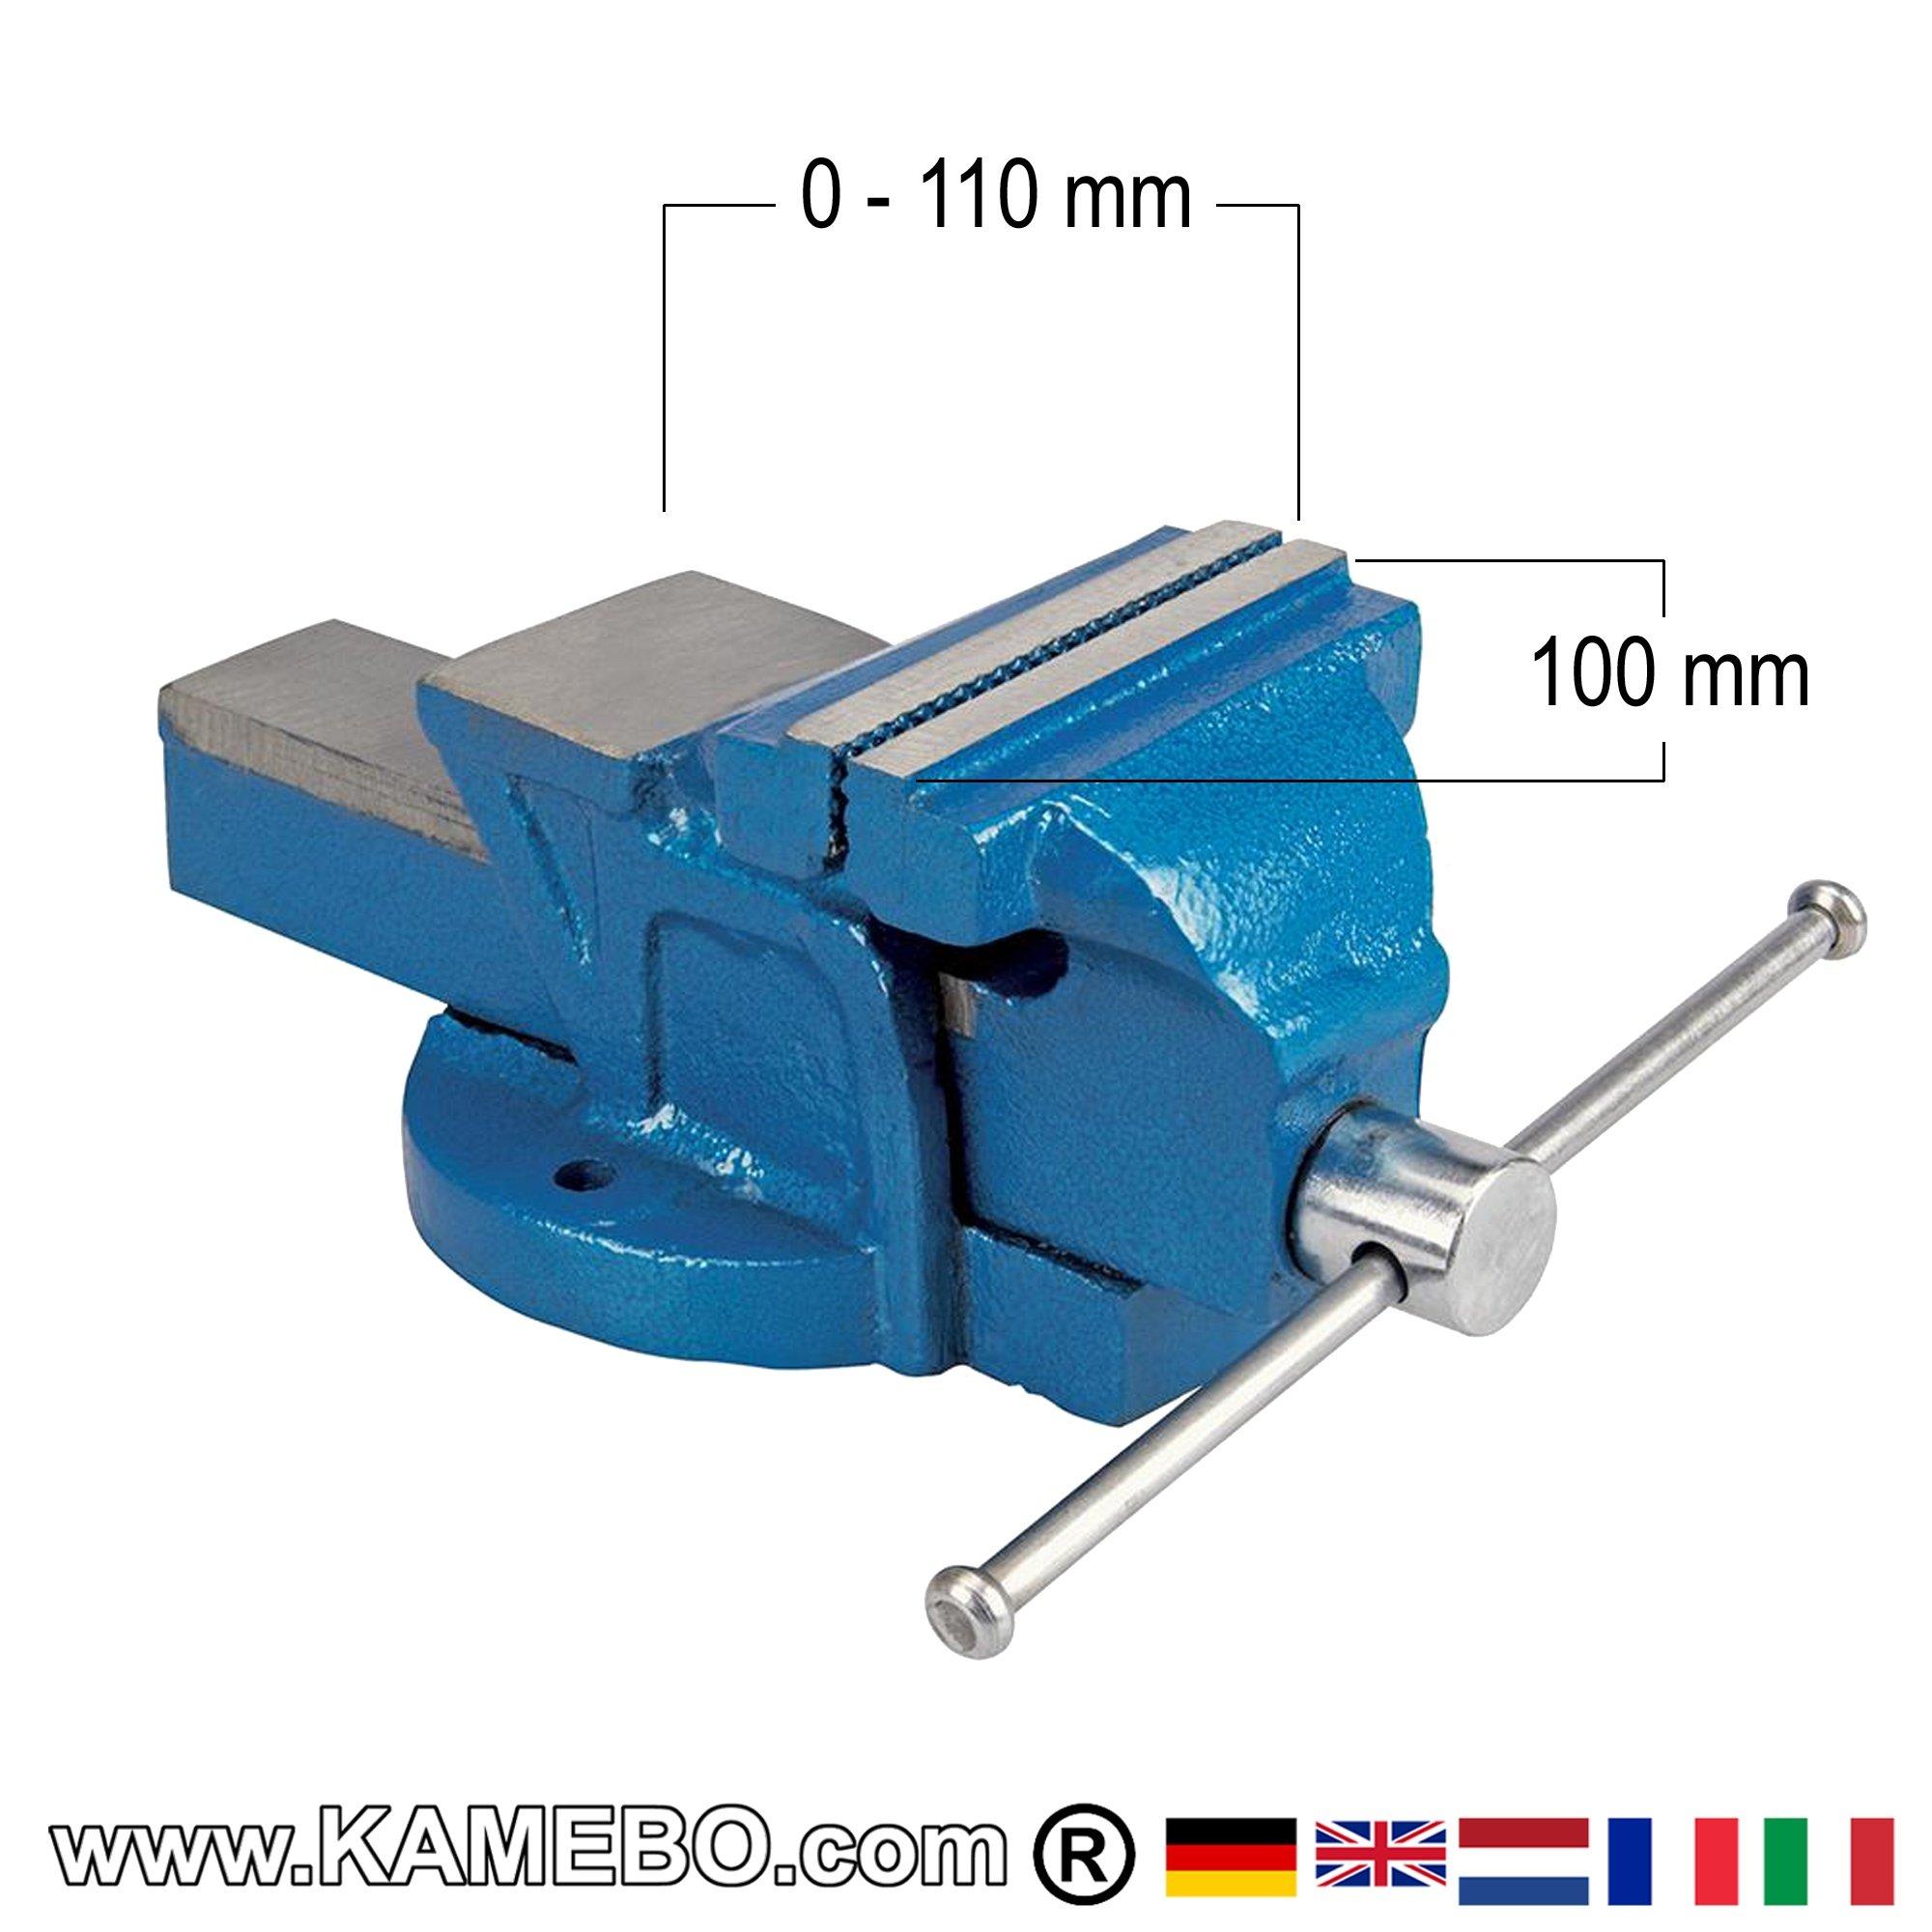 5 kg Ingenieurs Schraubstock 100 mm